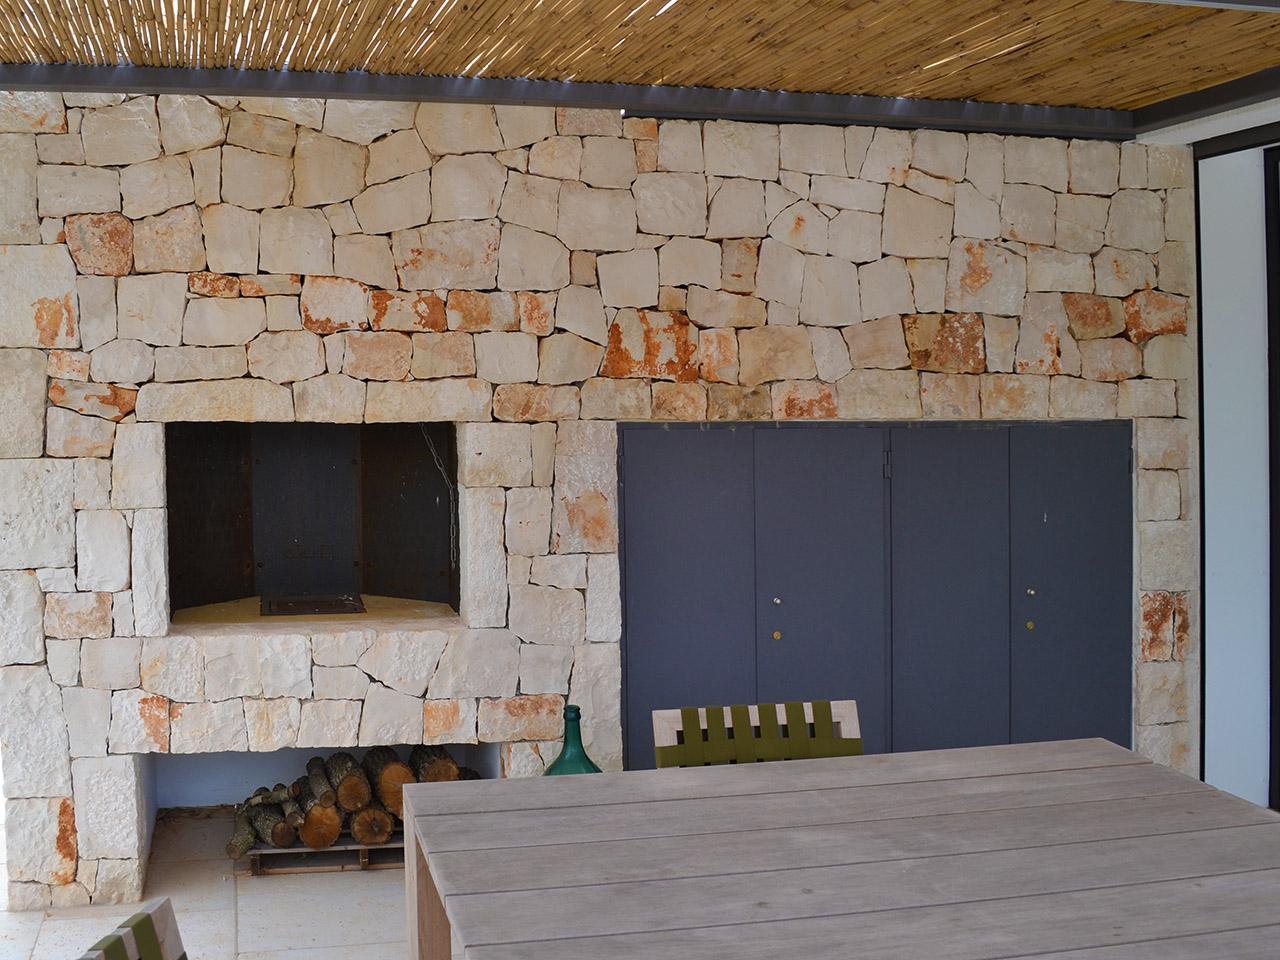 costruzioni restauri sirio ostuni nuova residenza privata chiobbica ostuni dsc 0484